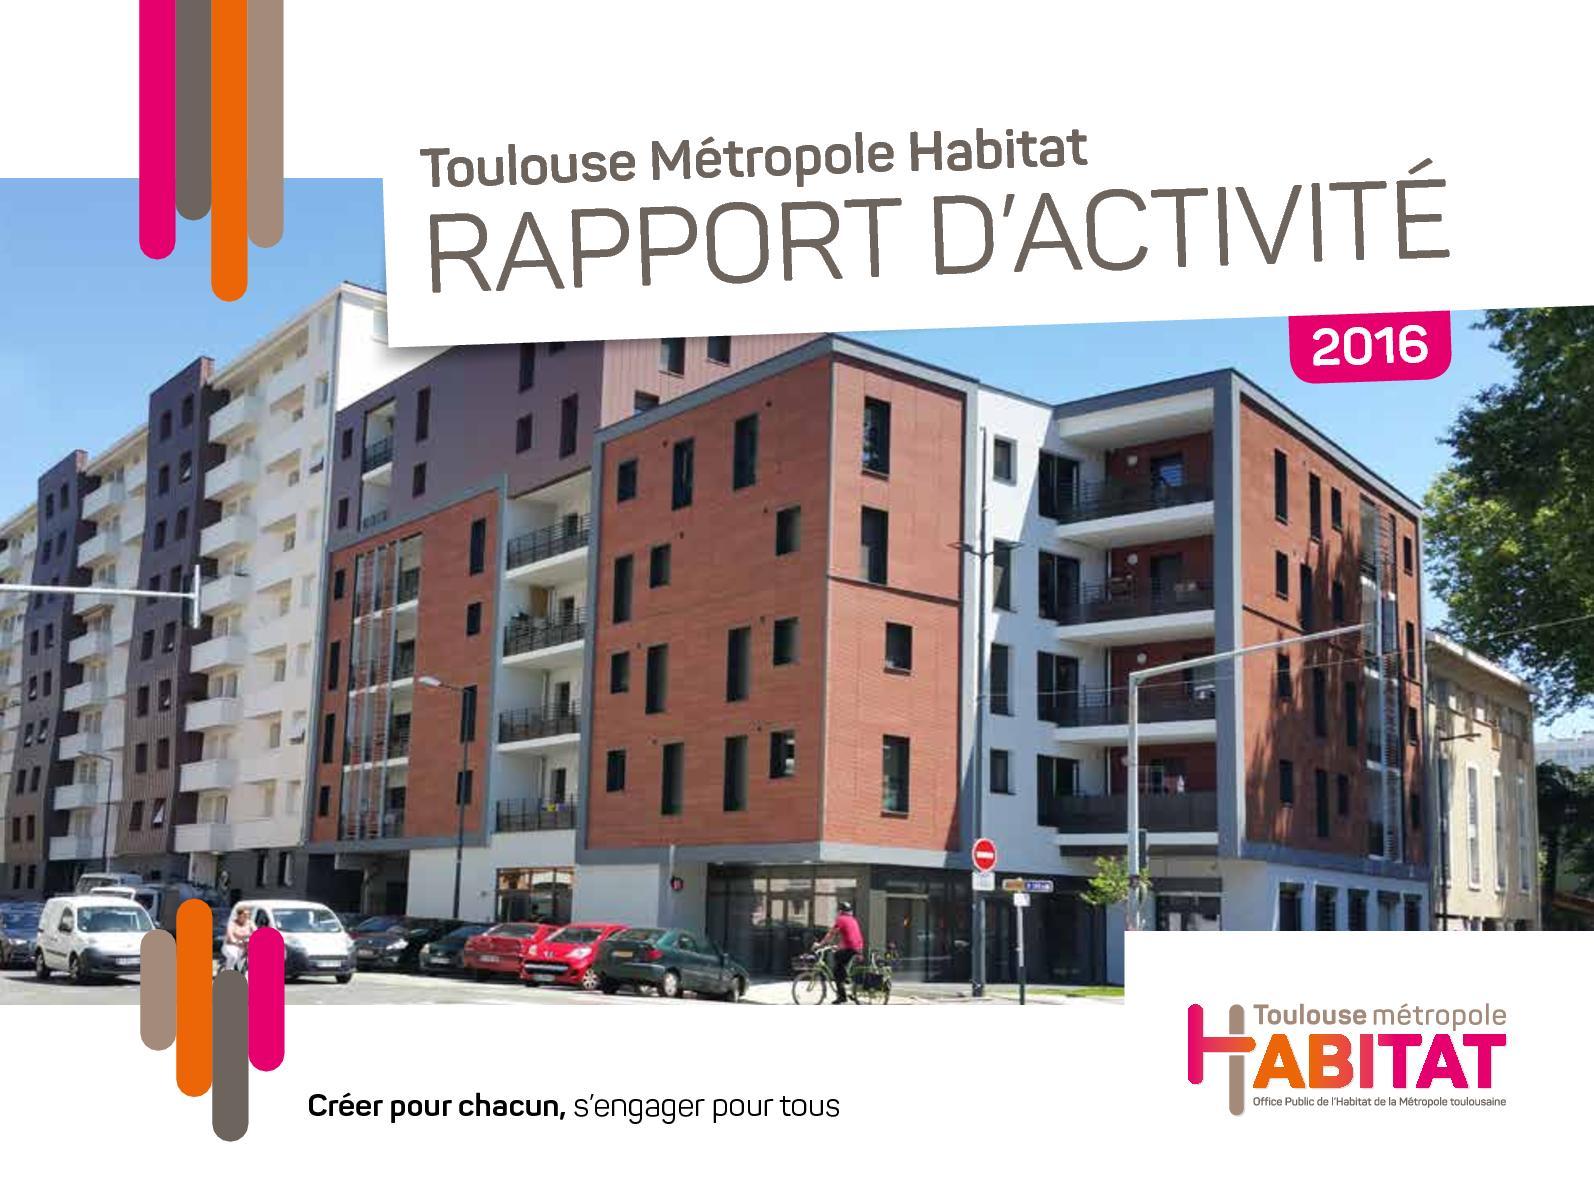 Toulouse Métropole Habitat Rapport d'activité 2016